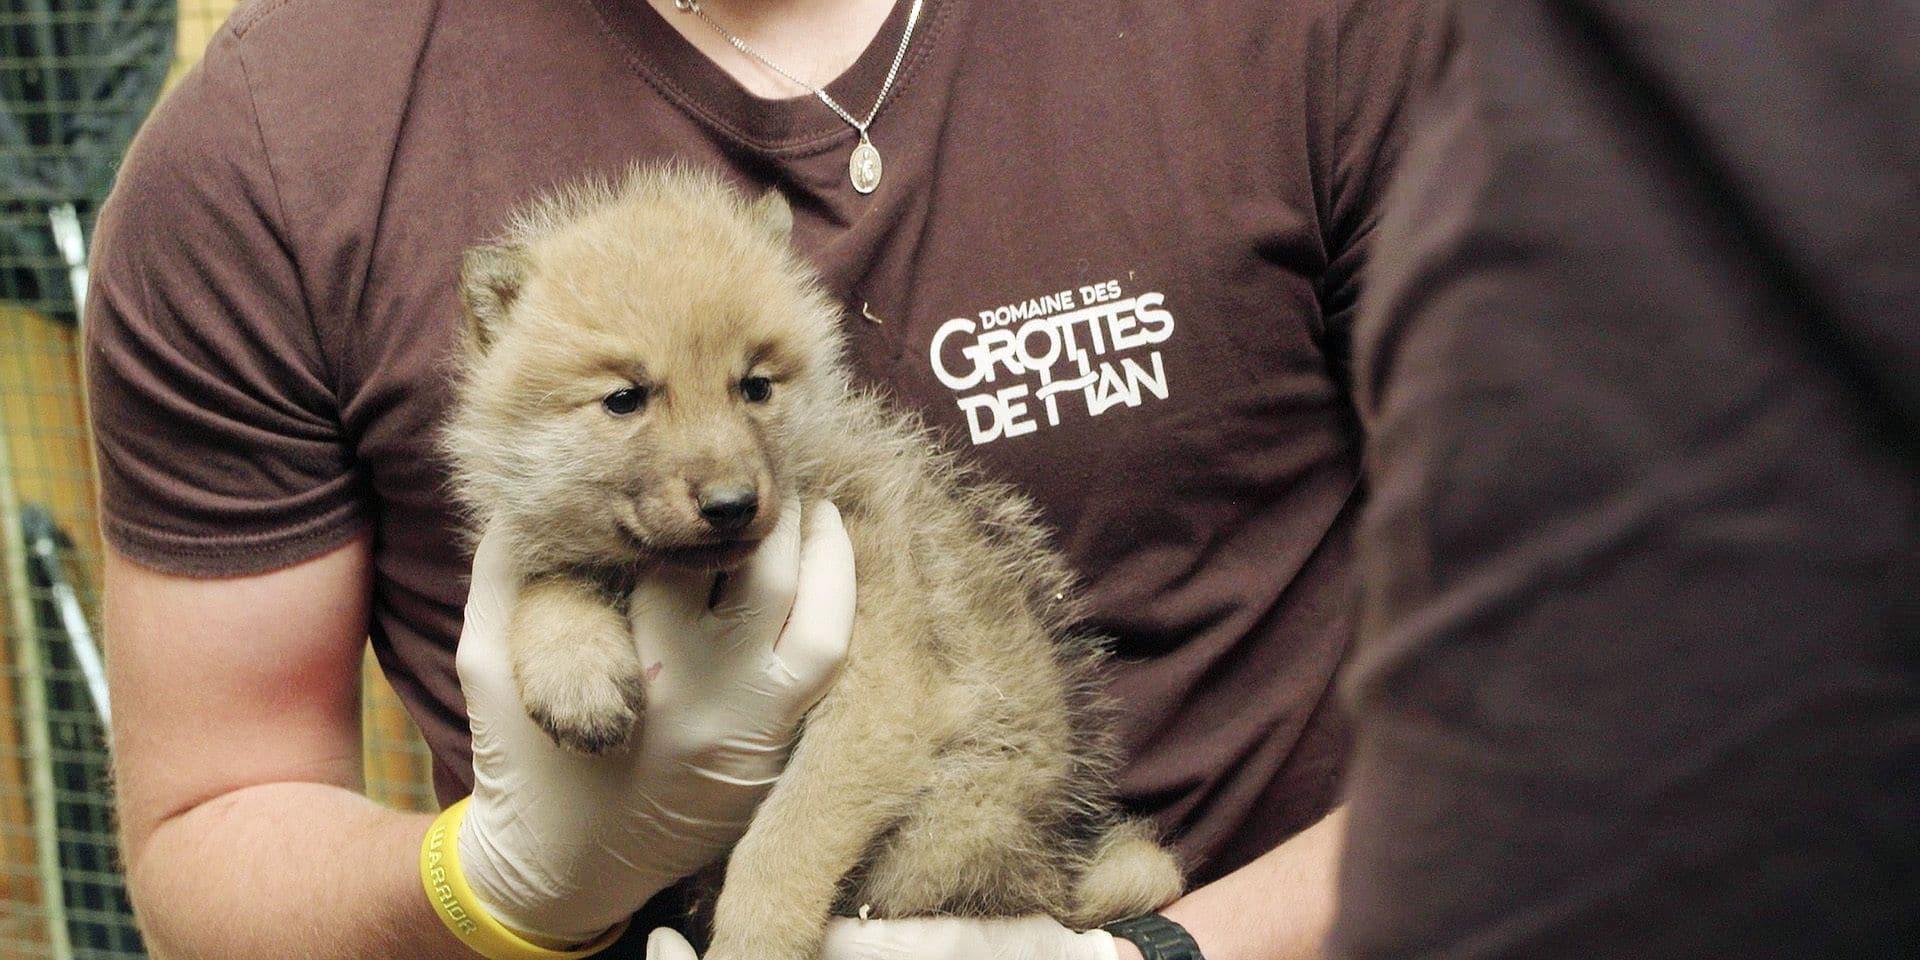 H.A.N., Hommes Animaux Nature: une immersion au cœur du sauvetage d'animaux menacés, au parc animalier de Han-sur-Lesse